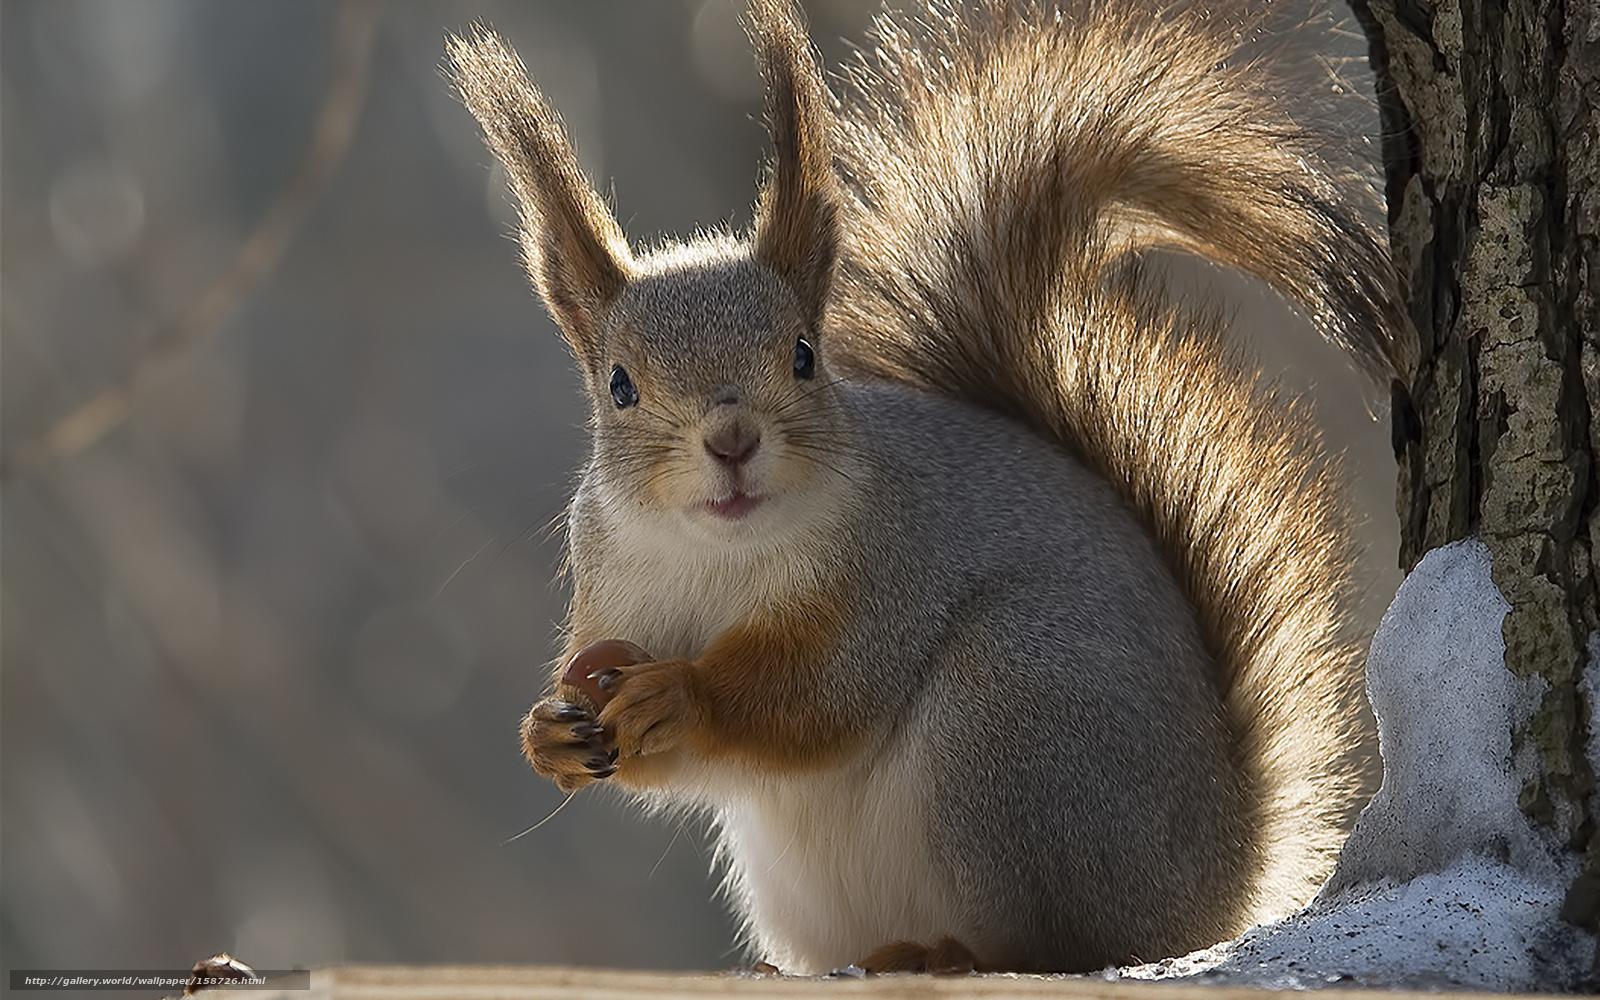 Tlcharger fond d 39 ecran animaux hiver fonds d 39 ecran for Fond ecran hiver animaux